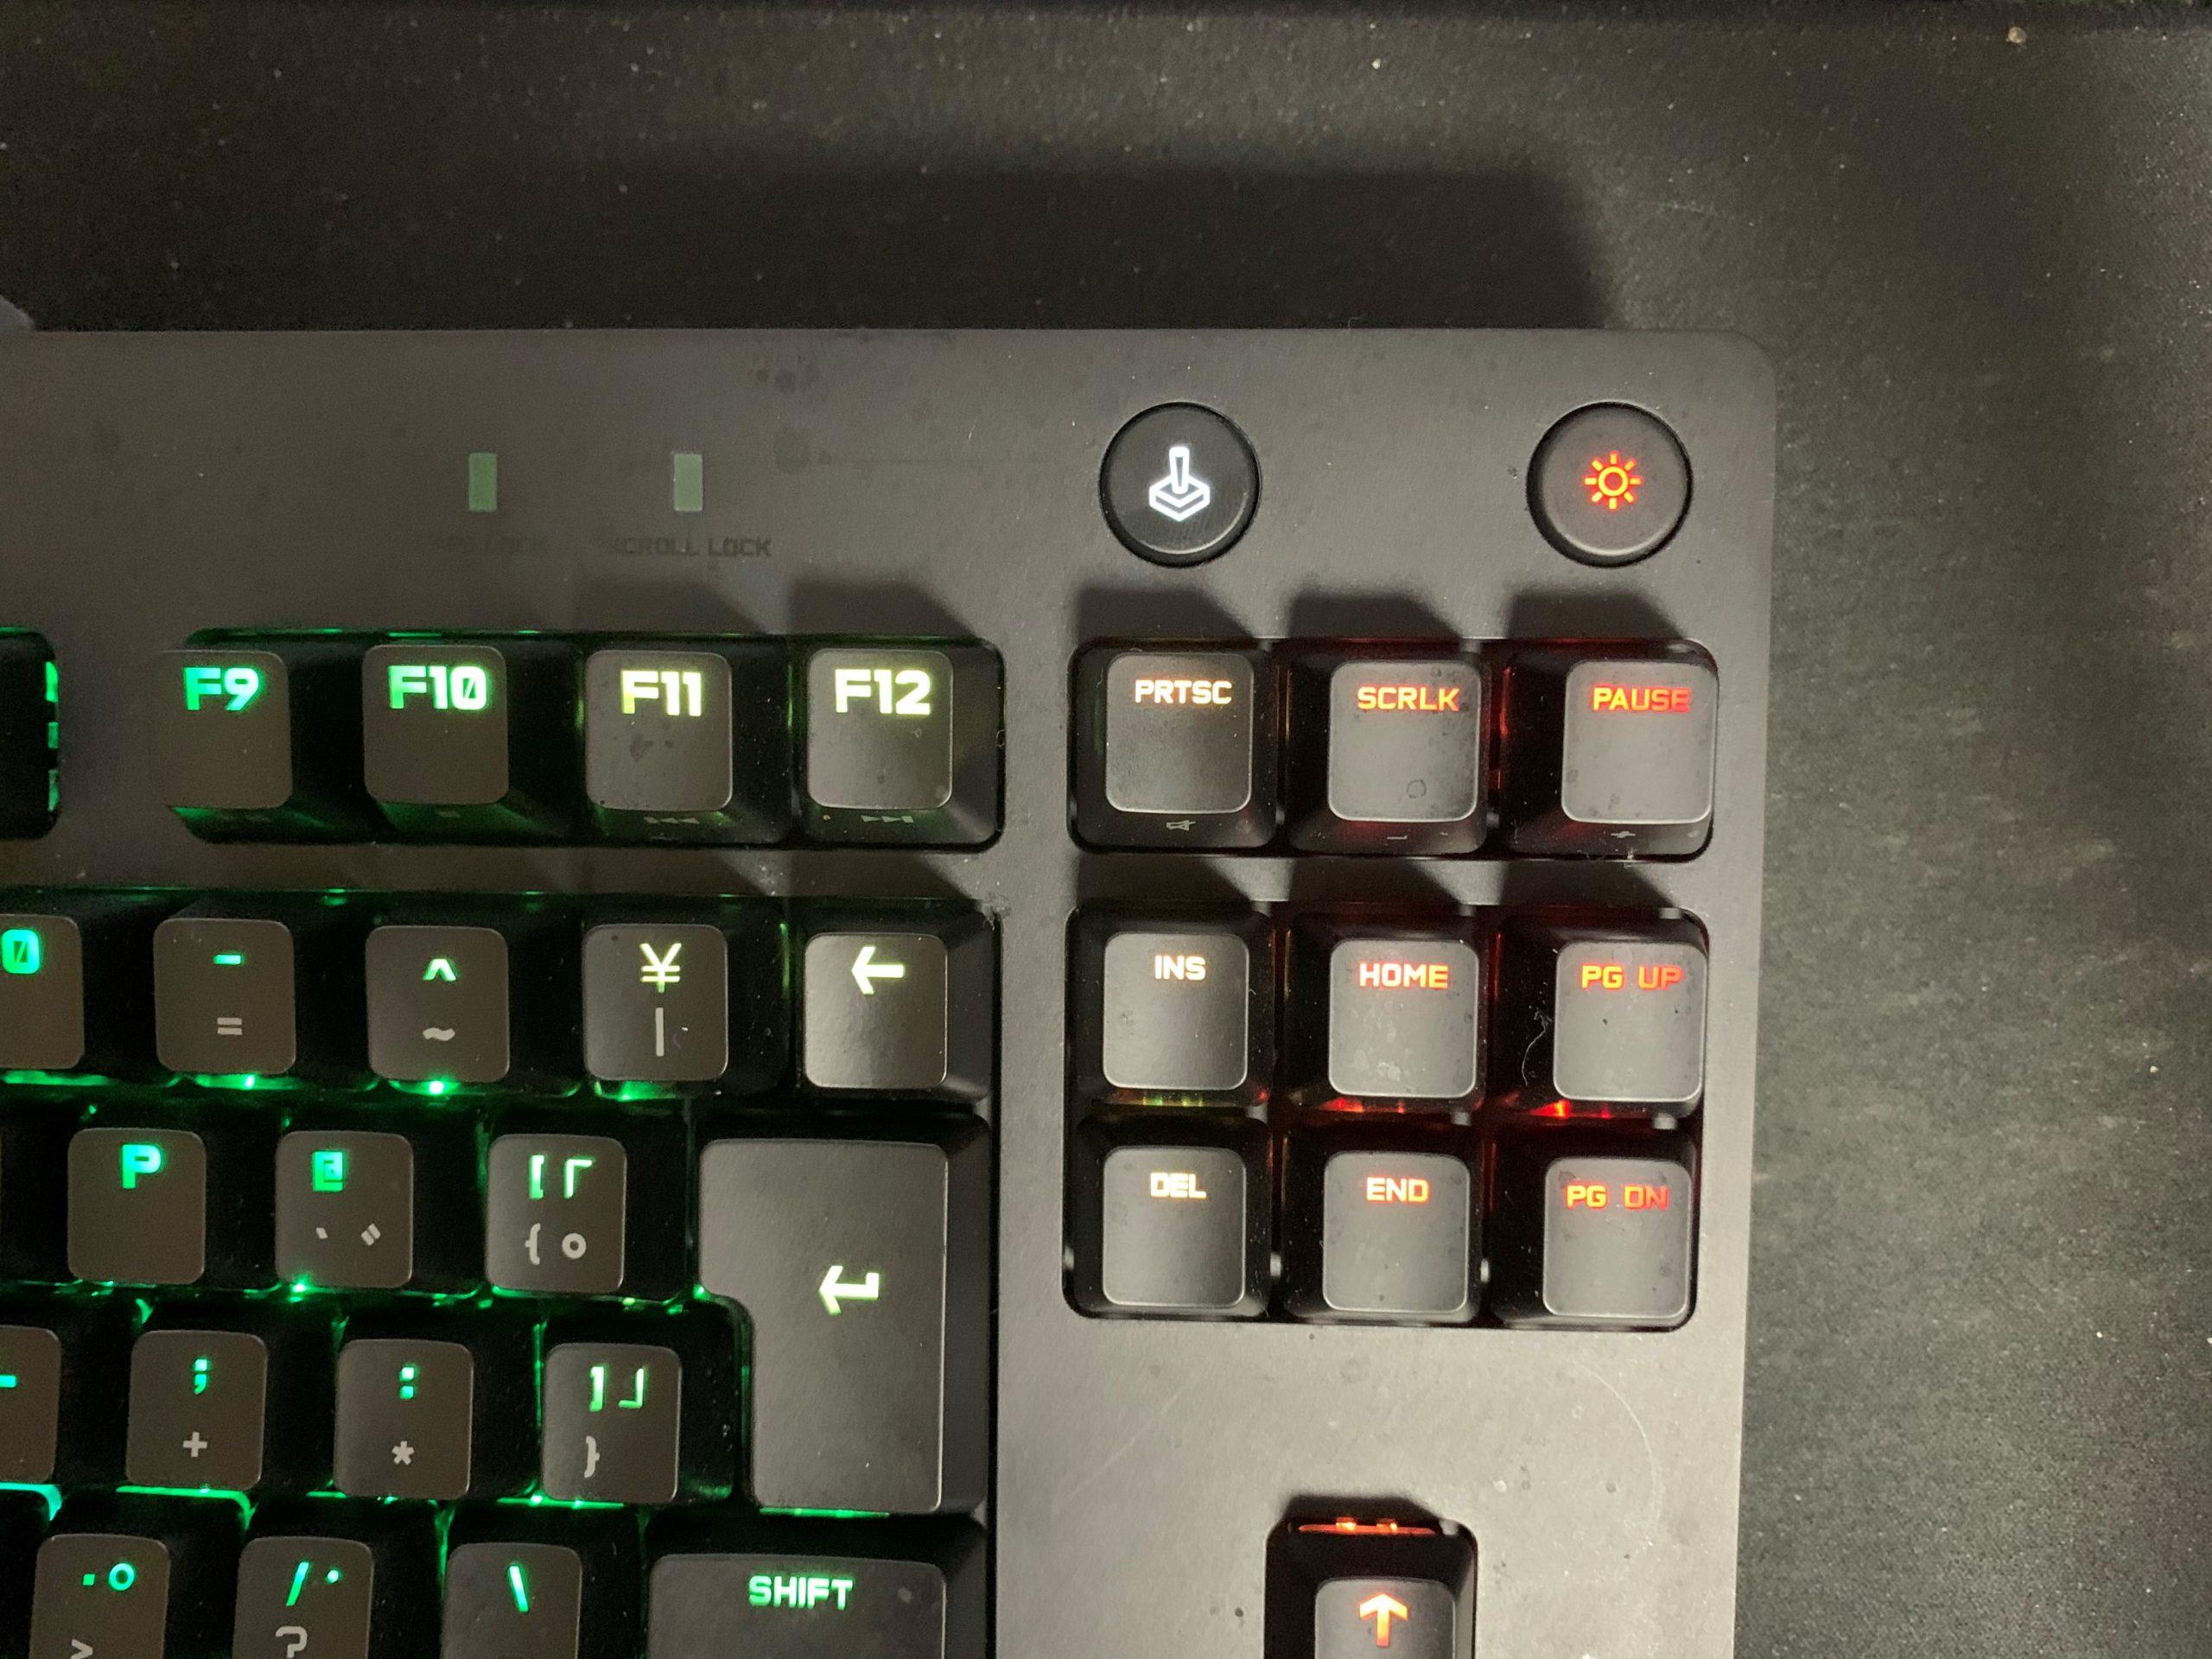 G PRO X キーボード レビュー ゲームモード